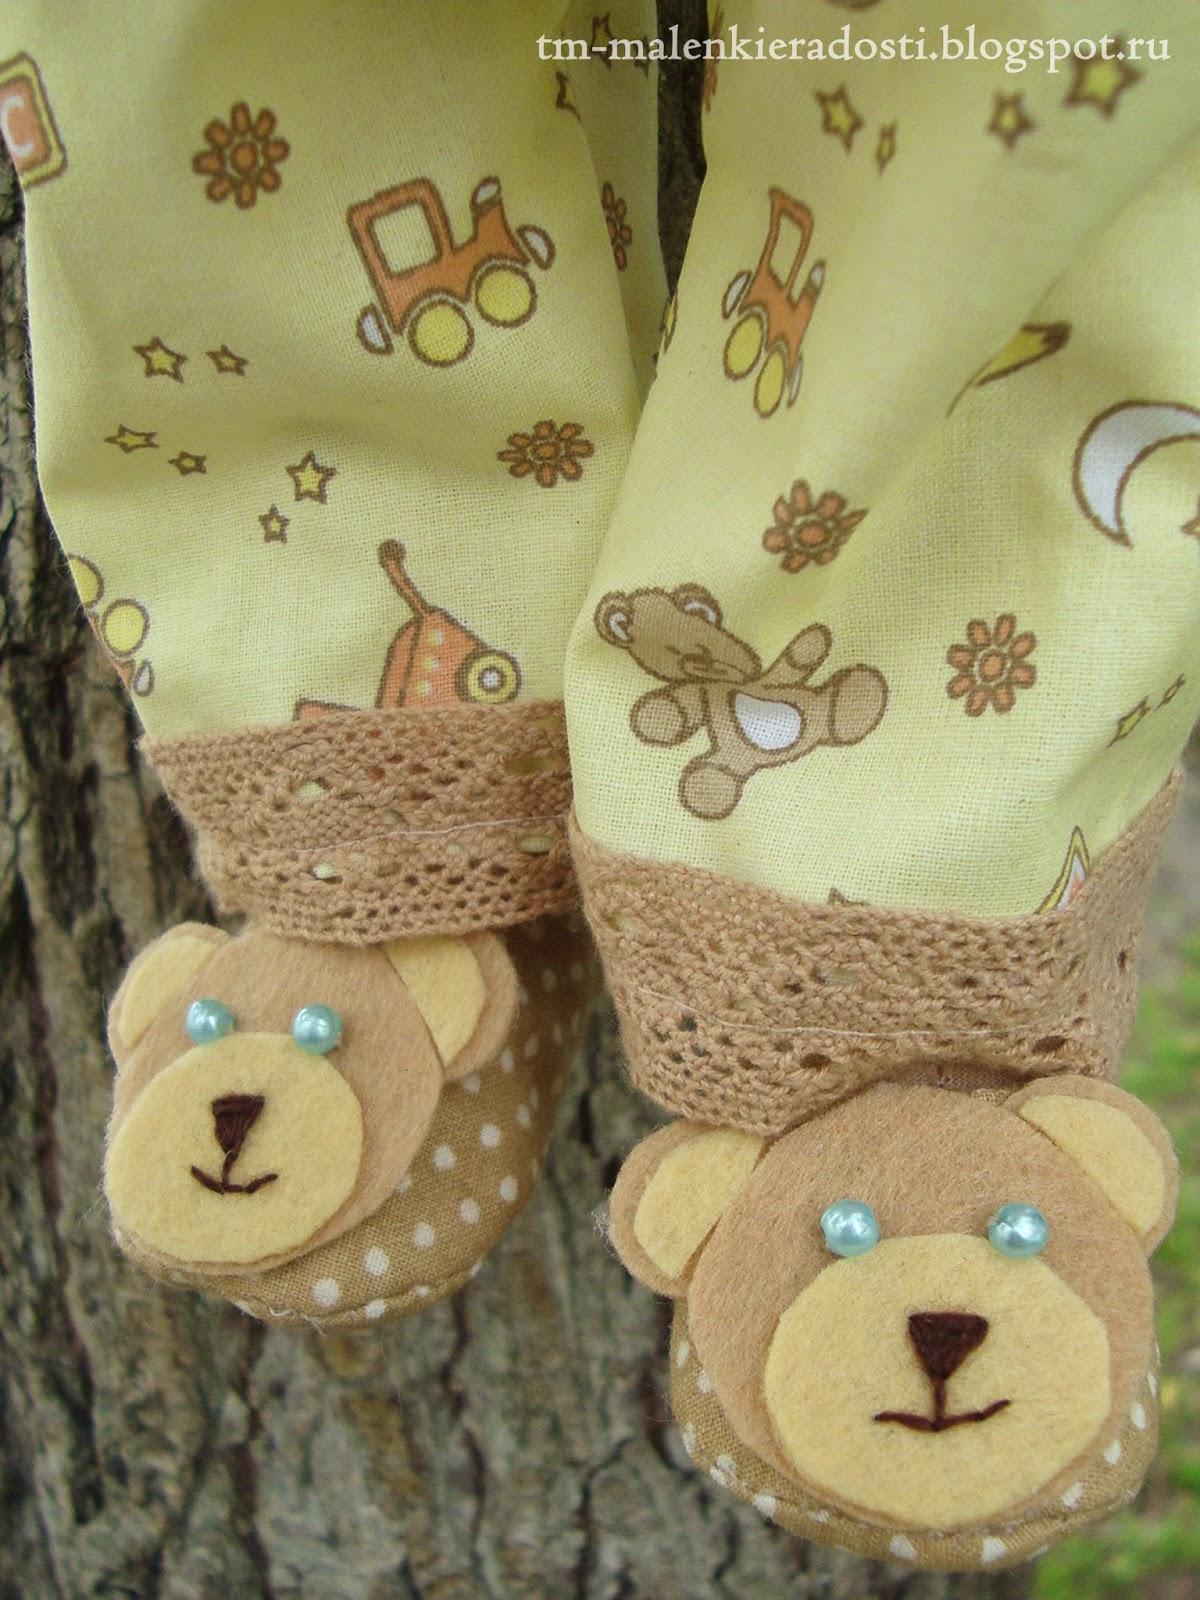 Фанат плюшевых медведей